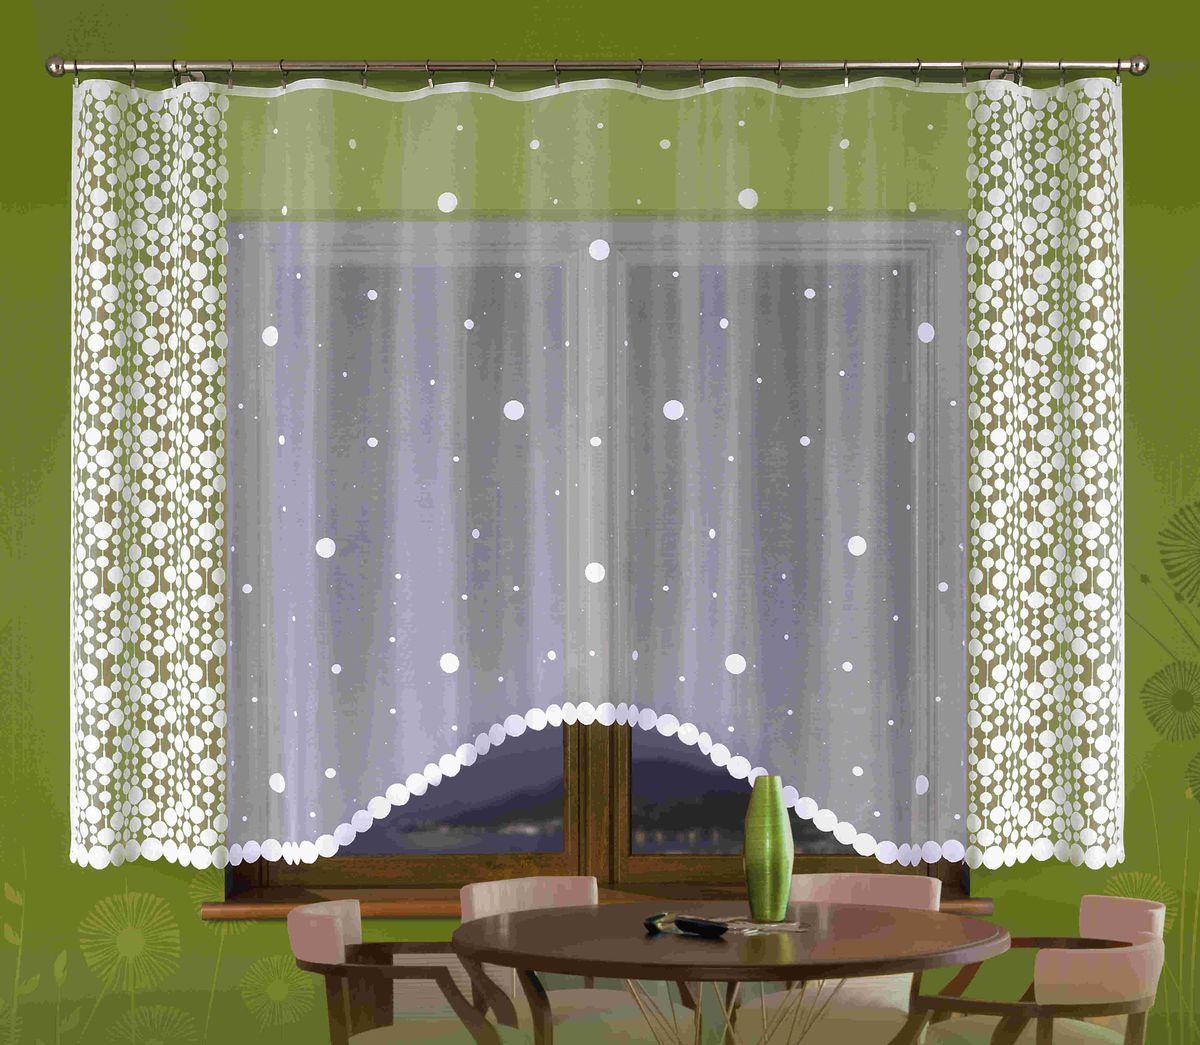 Гардина Wisan Halka, цвет: белый, высота 180 смE129Воздушная гардина Wisan Halka, изготовленная из полиэстера, станет великолепным украшением любого окна. Изделие, оформленное принтом в горох, привлечет к себе внимание и органично впишется в интерьер комнаты.Оригинальное оформление гардины внесет разнообразие и подарит заряд положительного настроения. Верхняя часть гардины не оснащена креплениями.